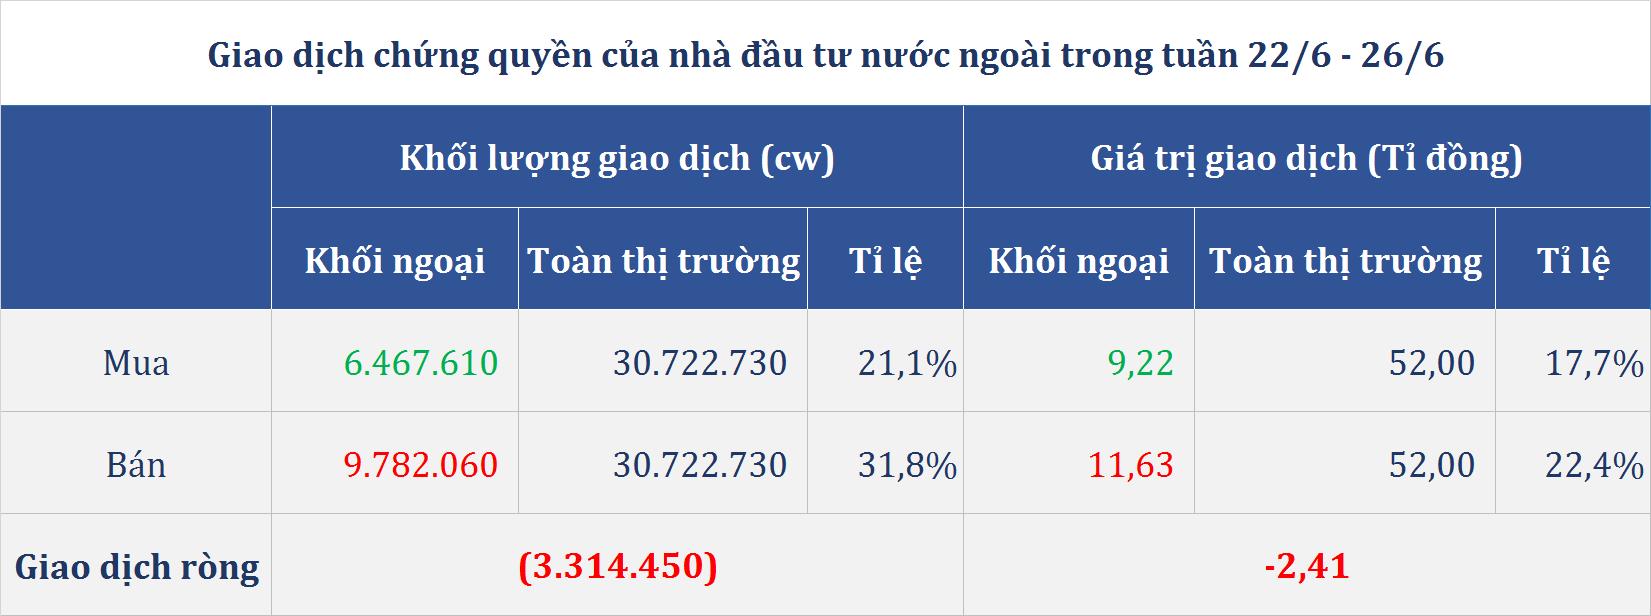 Thị trường chứng quyền tuần (22 - 26/6): 65 mã chìm trong sắc đỏ, nhóm VRE giảm sâu - Ảnh 5.